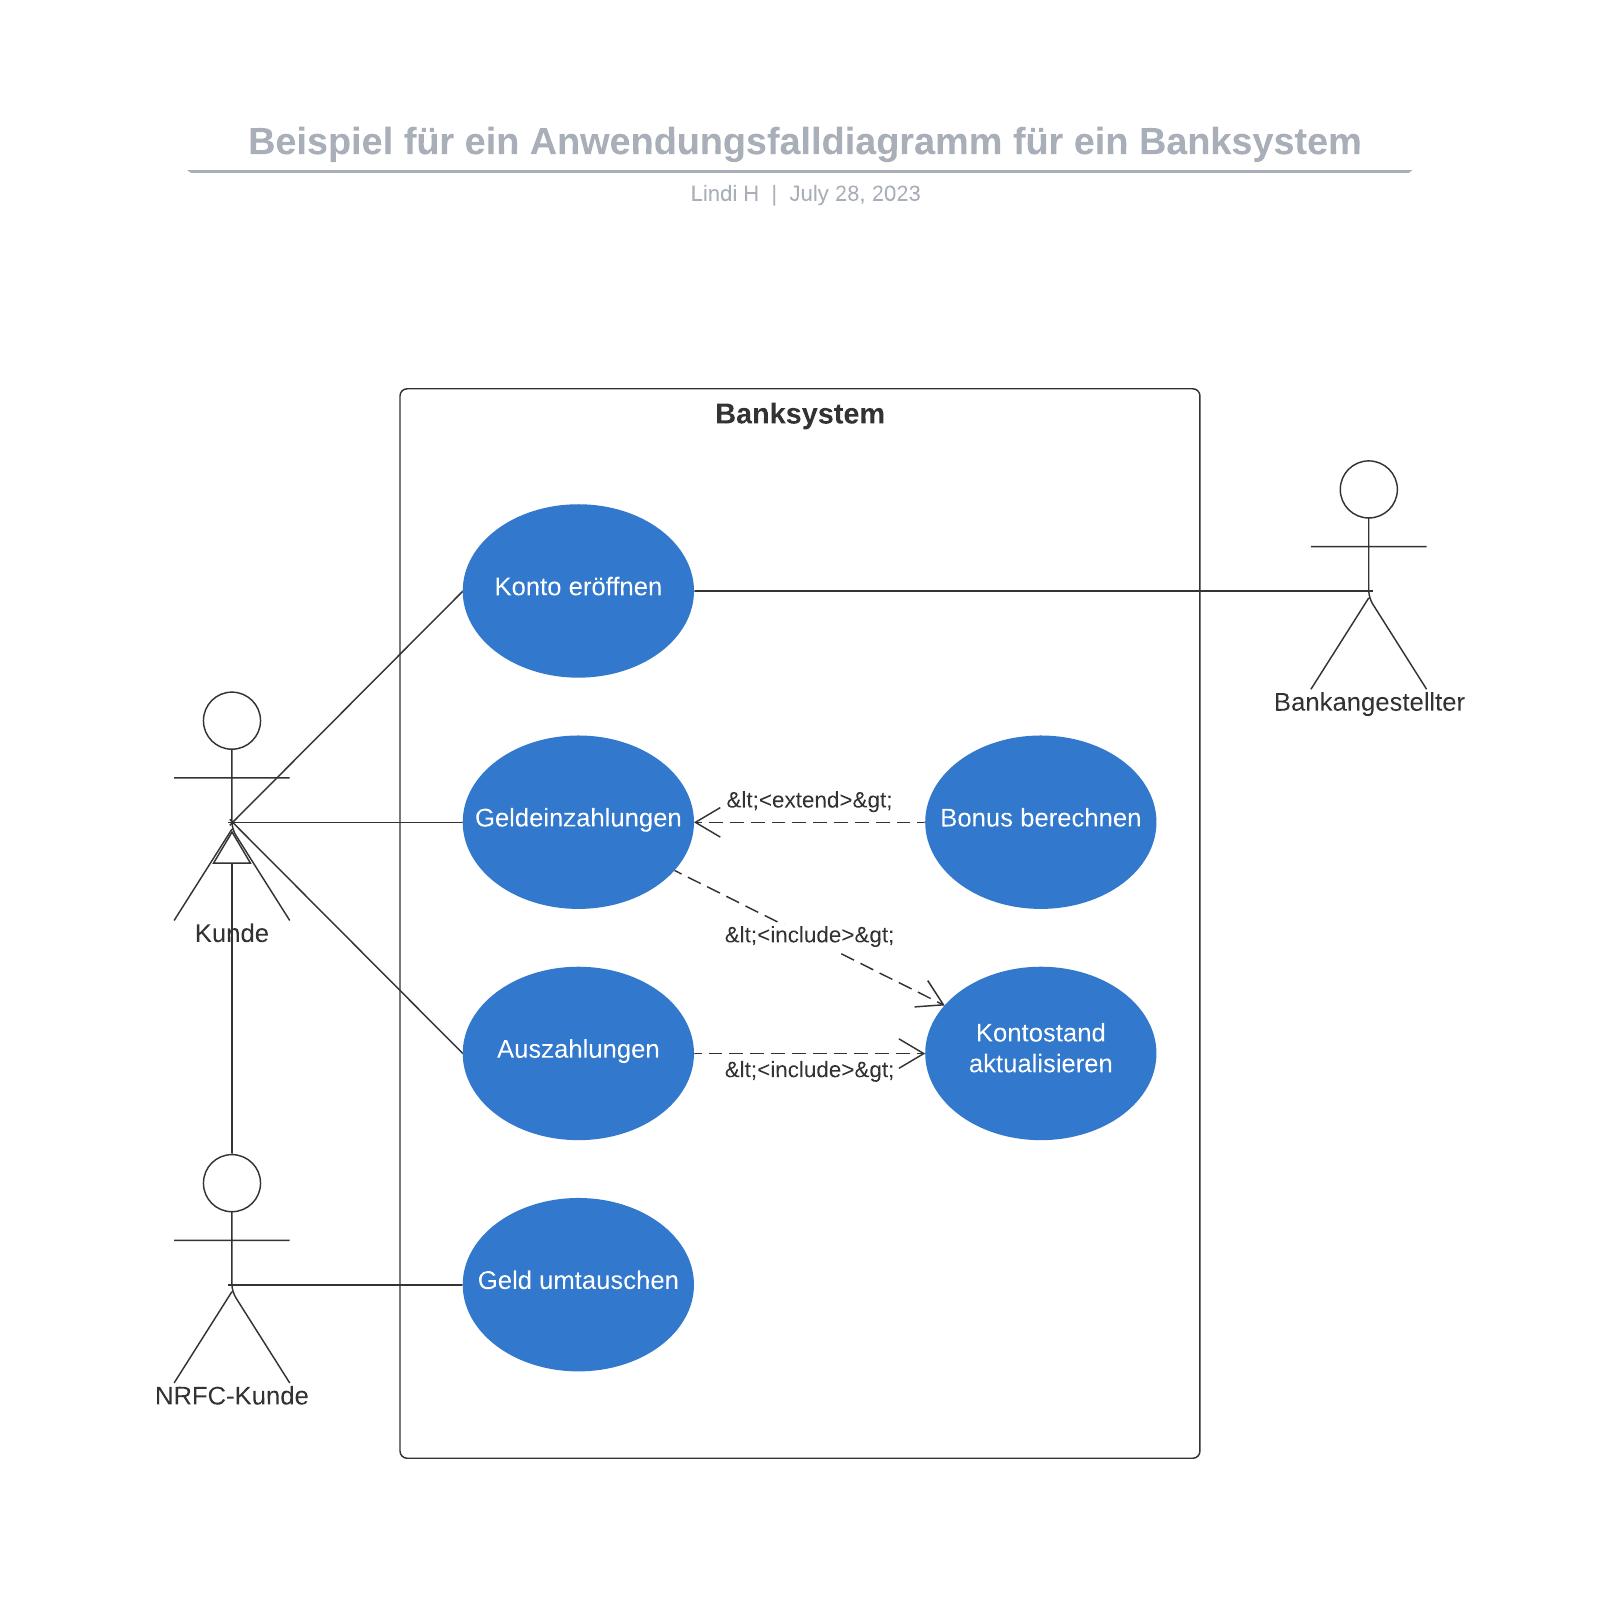 Banksystem Anwendungsfalldiagramm Beispiel